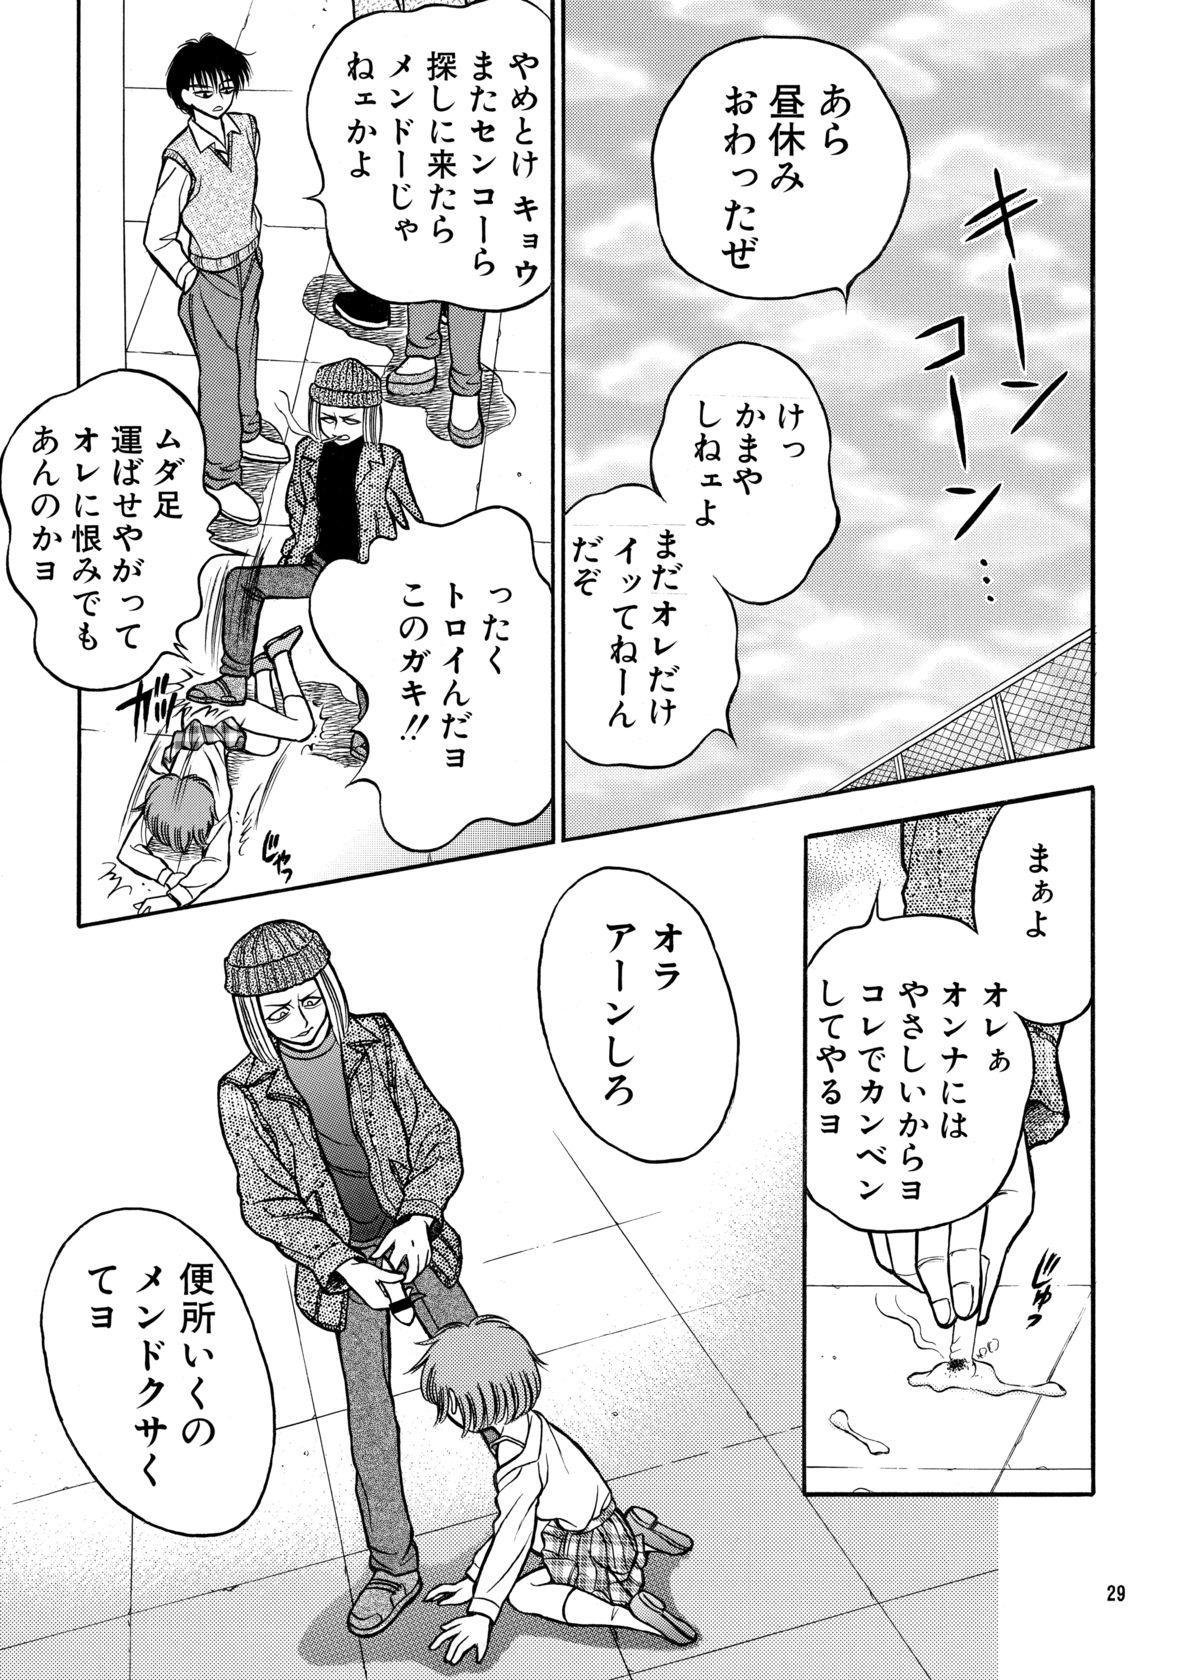 ココロノママニ 厩戸王子商業作品再録本 27